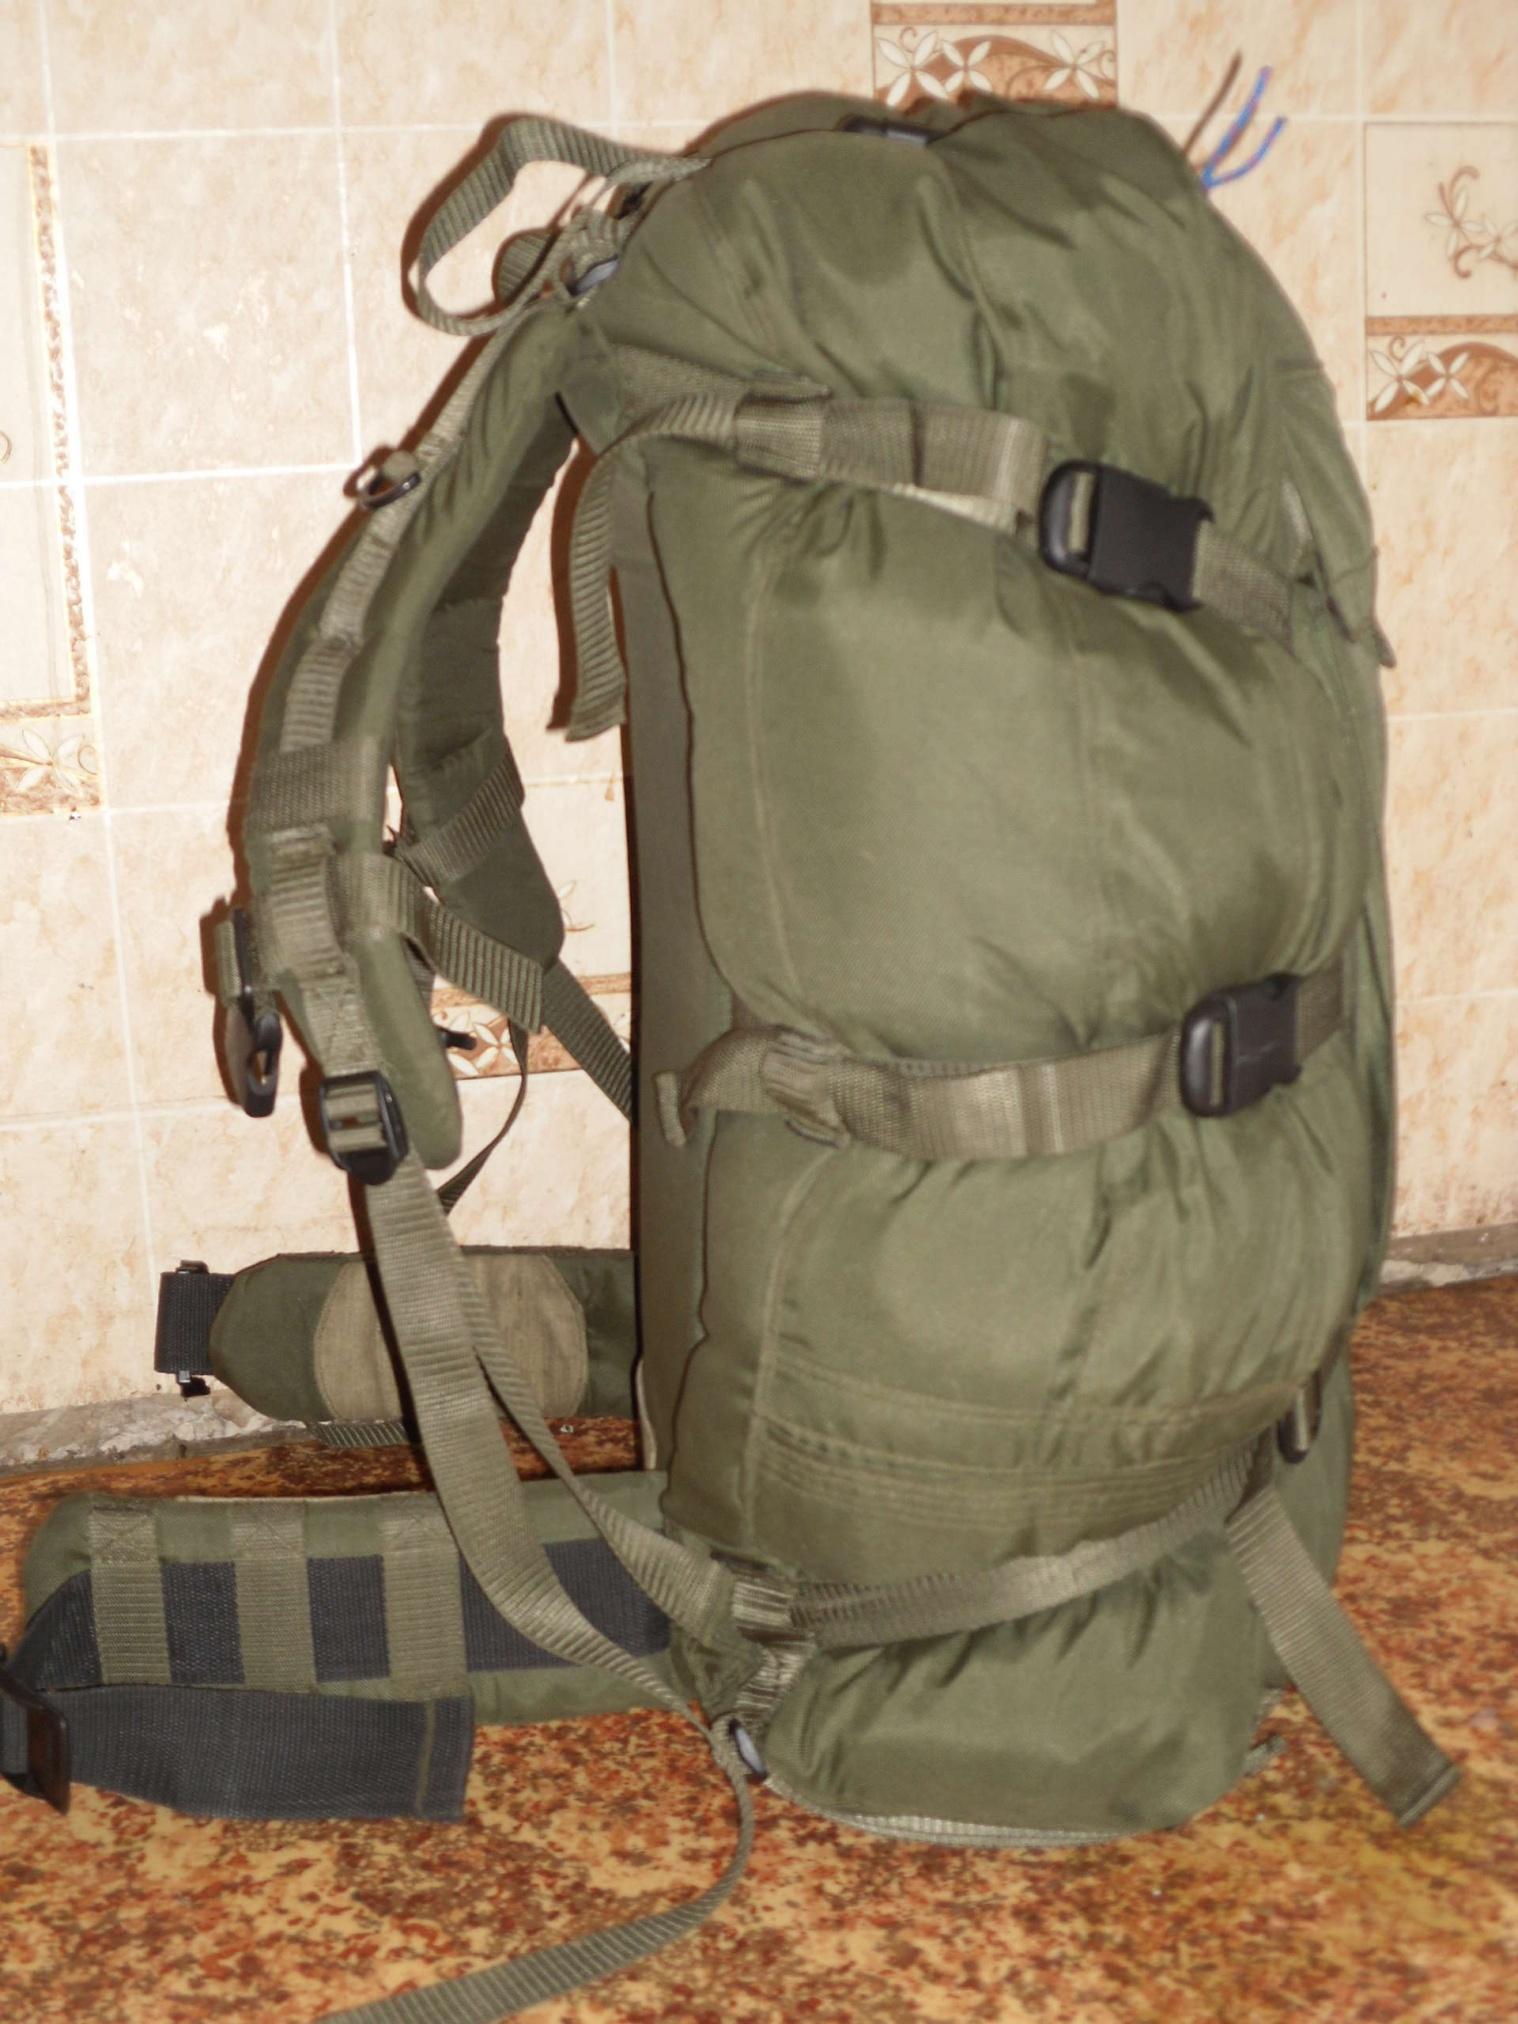 Шьем рюкзак для рыбалки что такое эргономичный школьный рюкзак